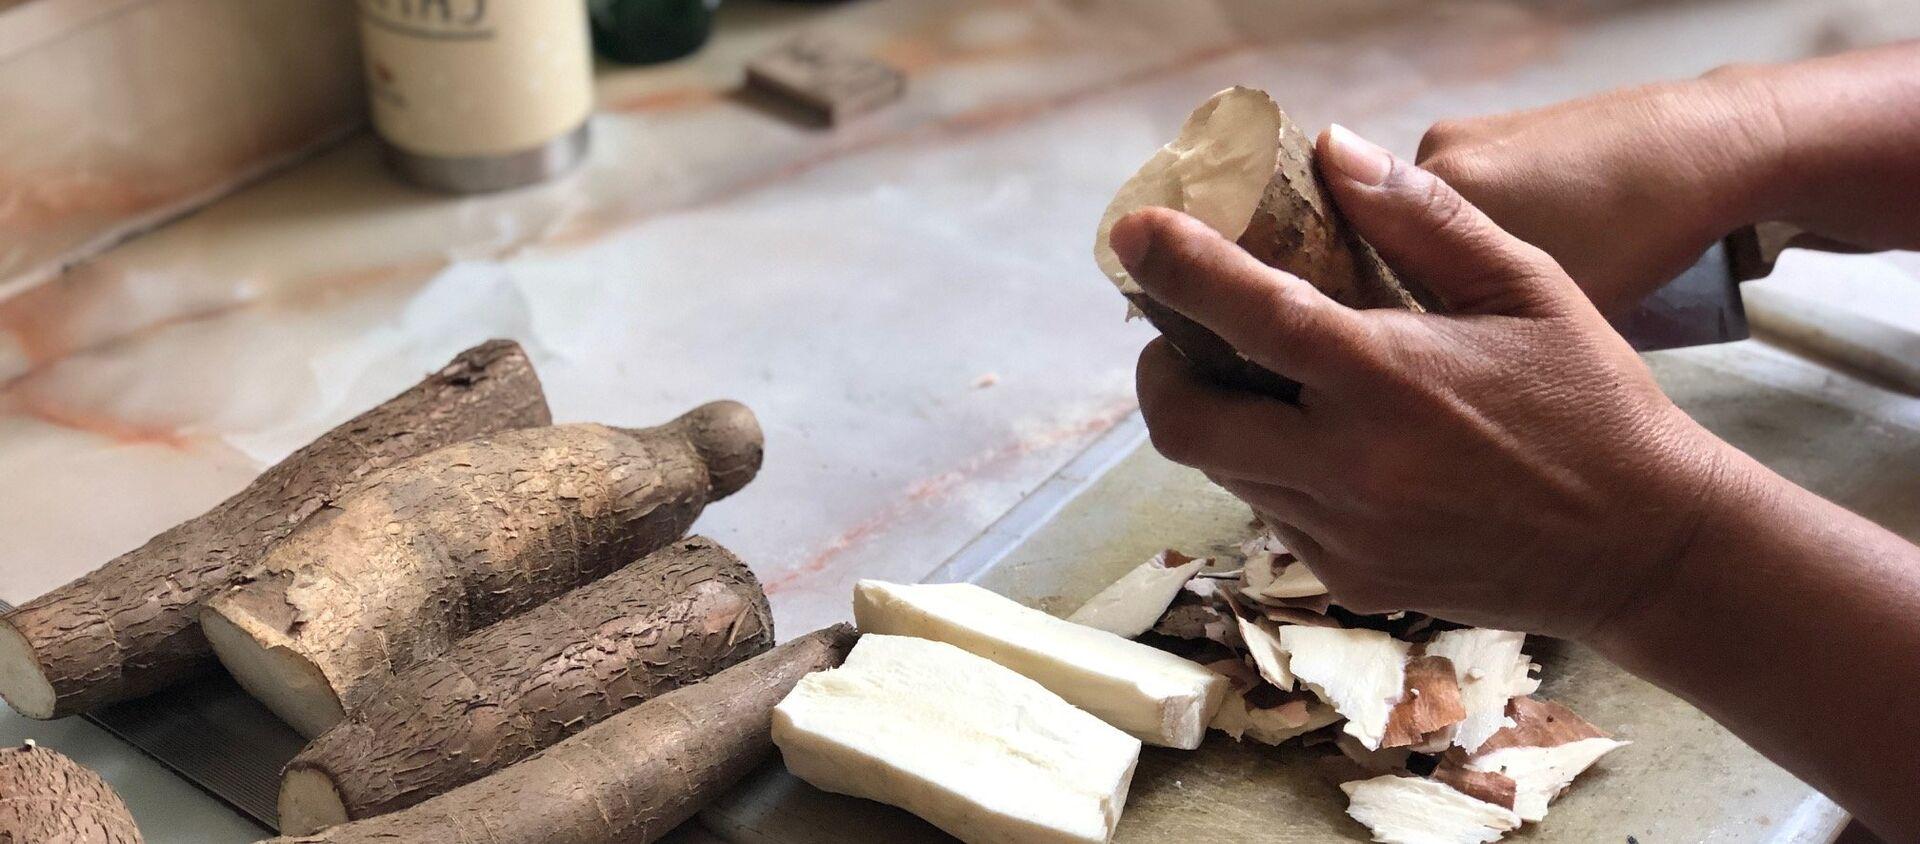 La yuca, o mandioca, es un ingrediente base en muchas cocinas de América Latina; en Venezuela ahora su consumo se ve incrementado por ser una opción nutritiva al alcance - Sputnik Mundo, 1920, 08.04.2019